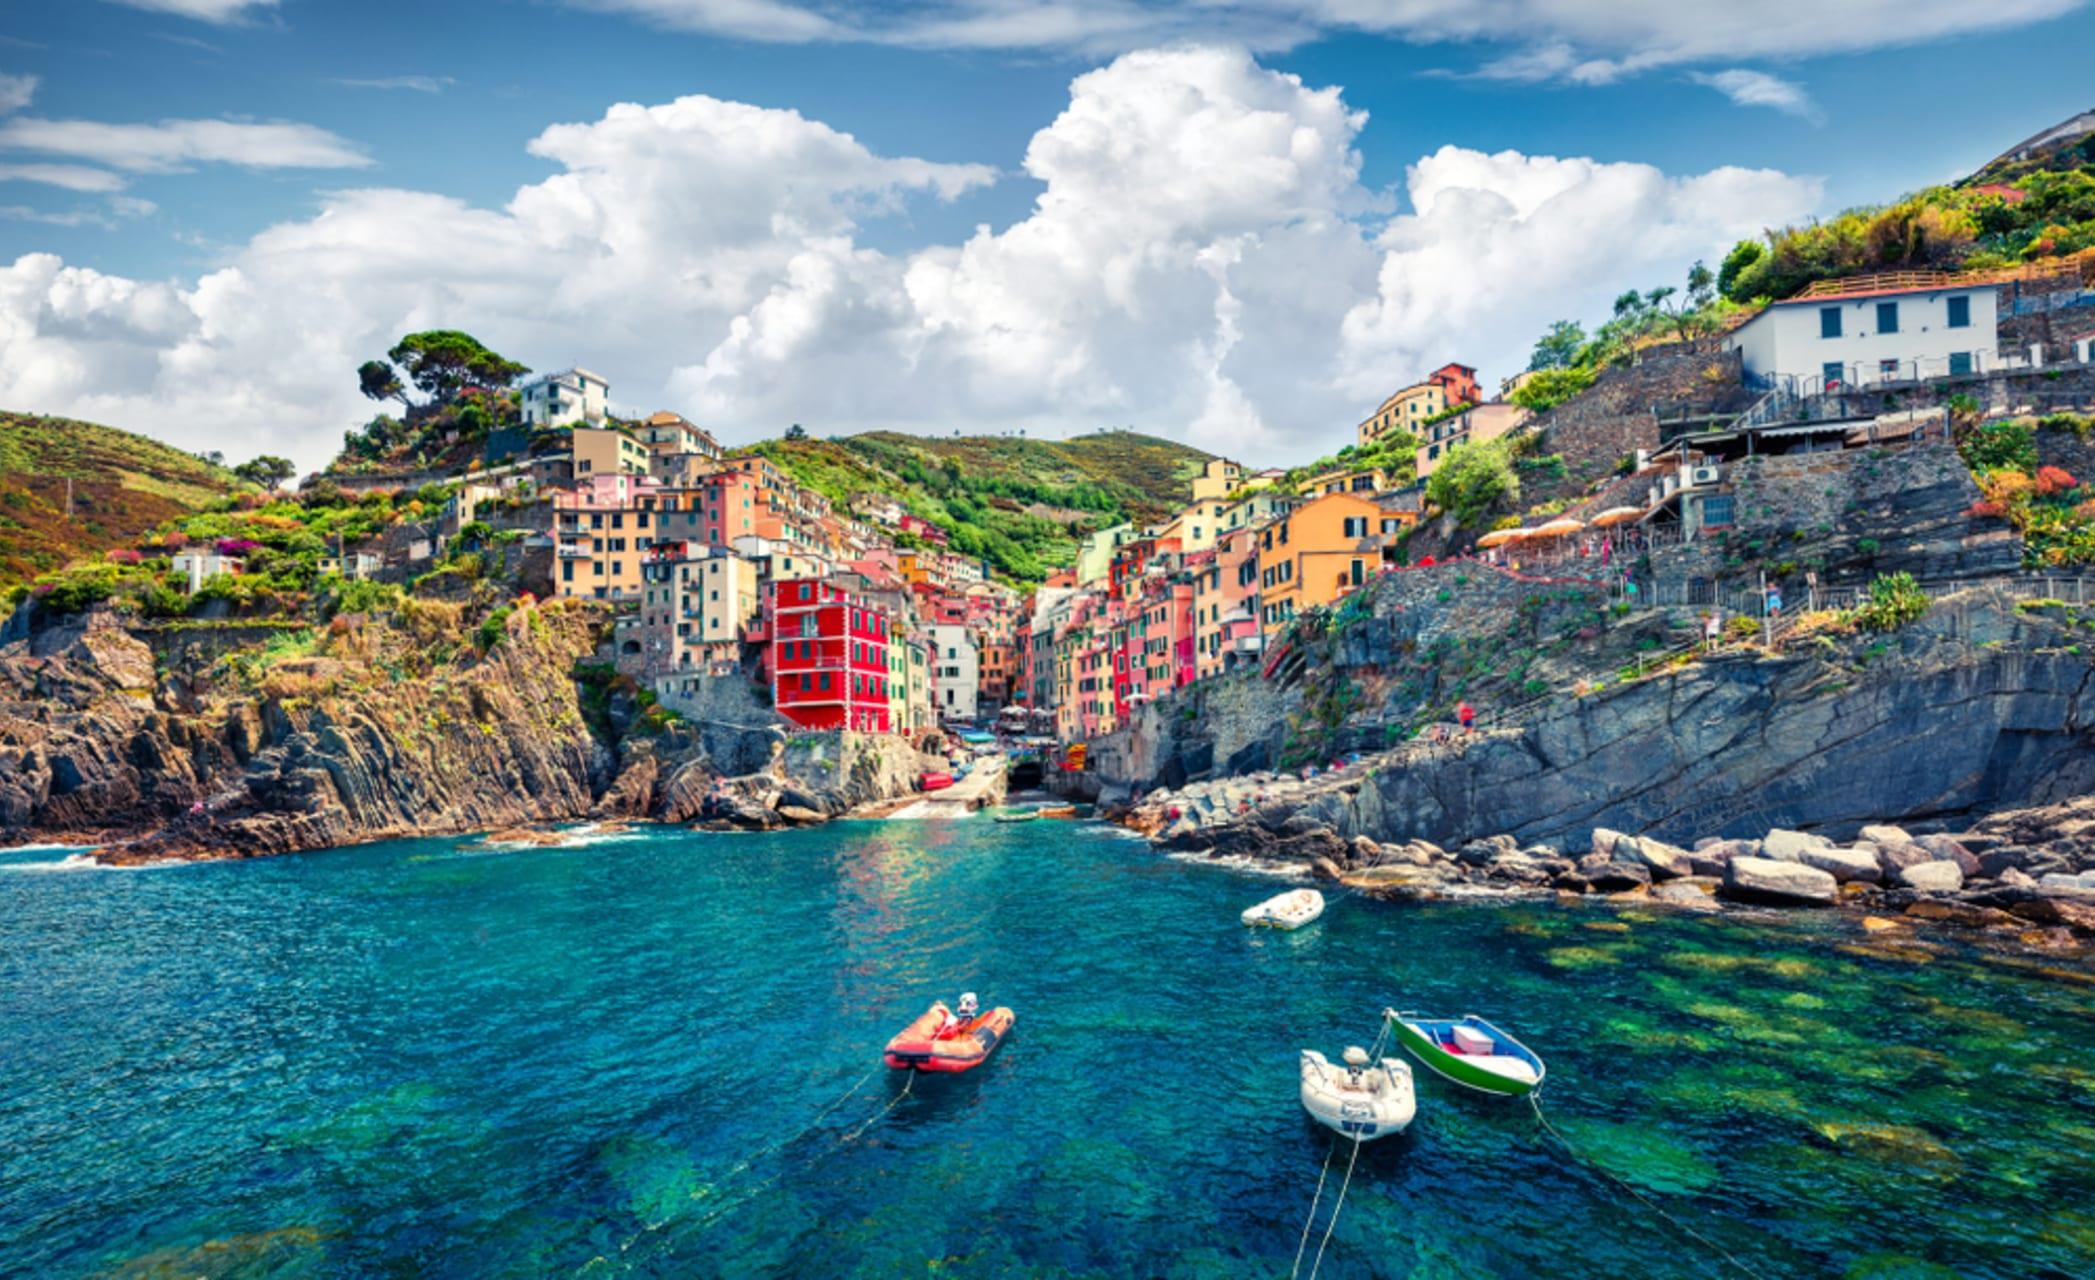 Cinque Terre & Portovenere - Cinque Terre: Riomaggiore Seaside Panoramas and Dry Stone Terraced Hills